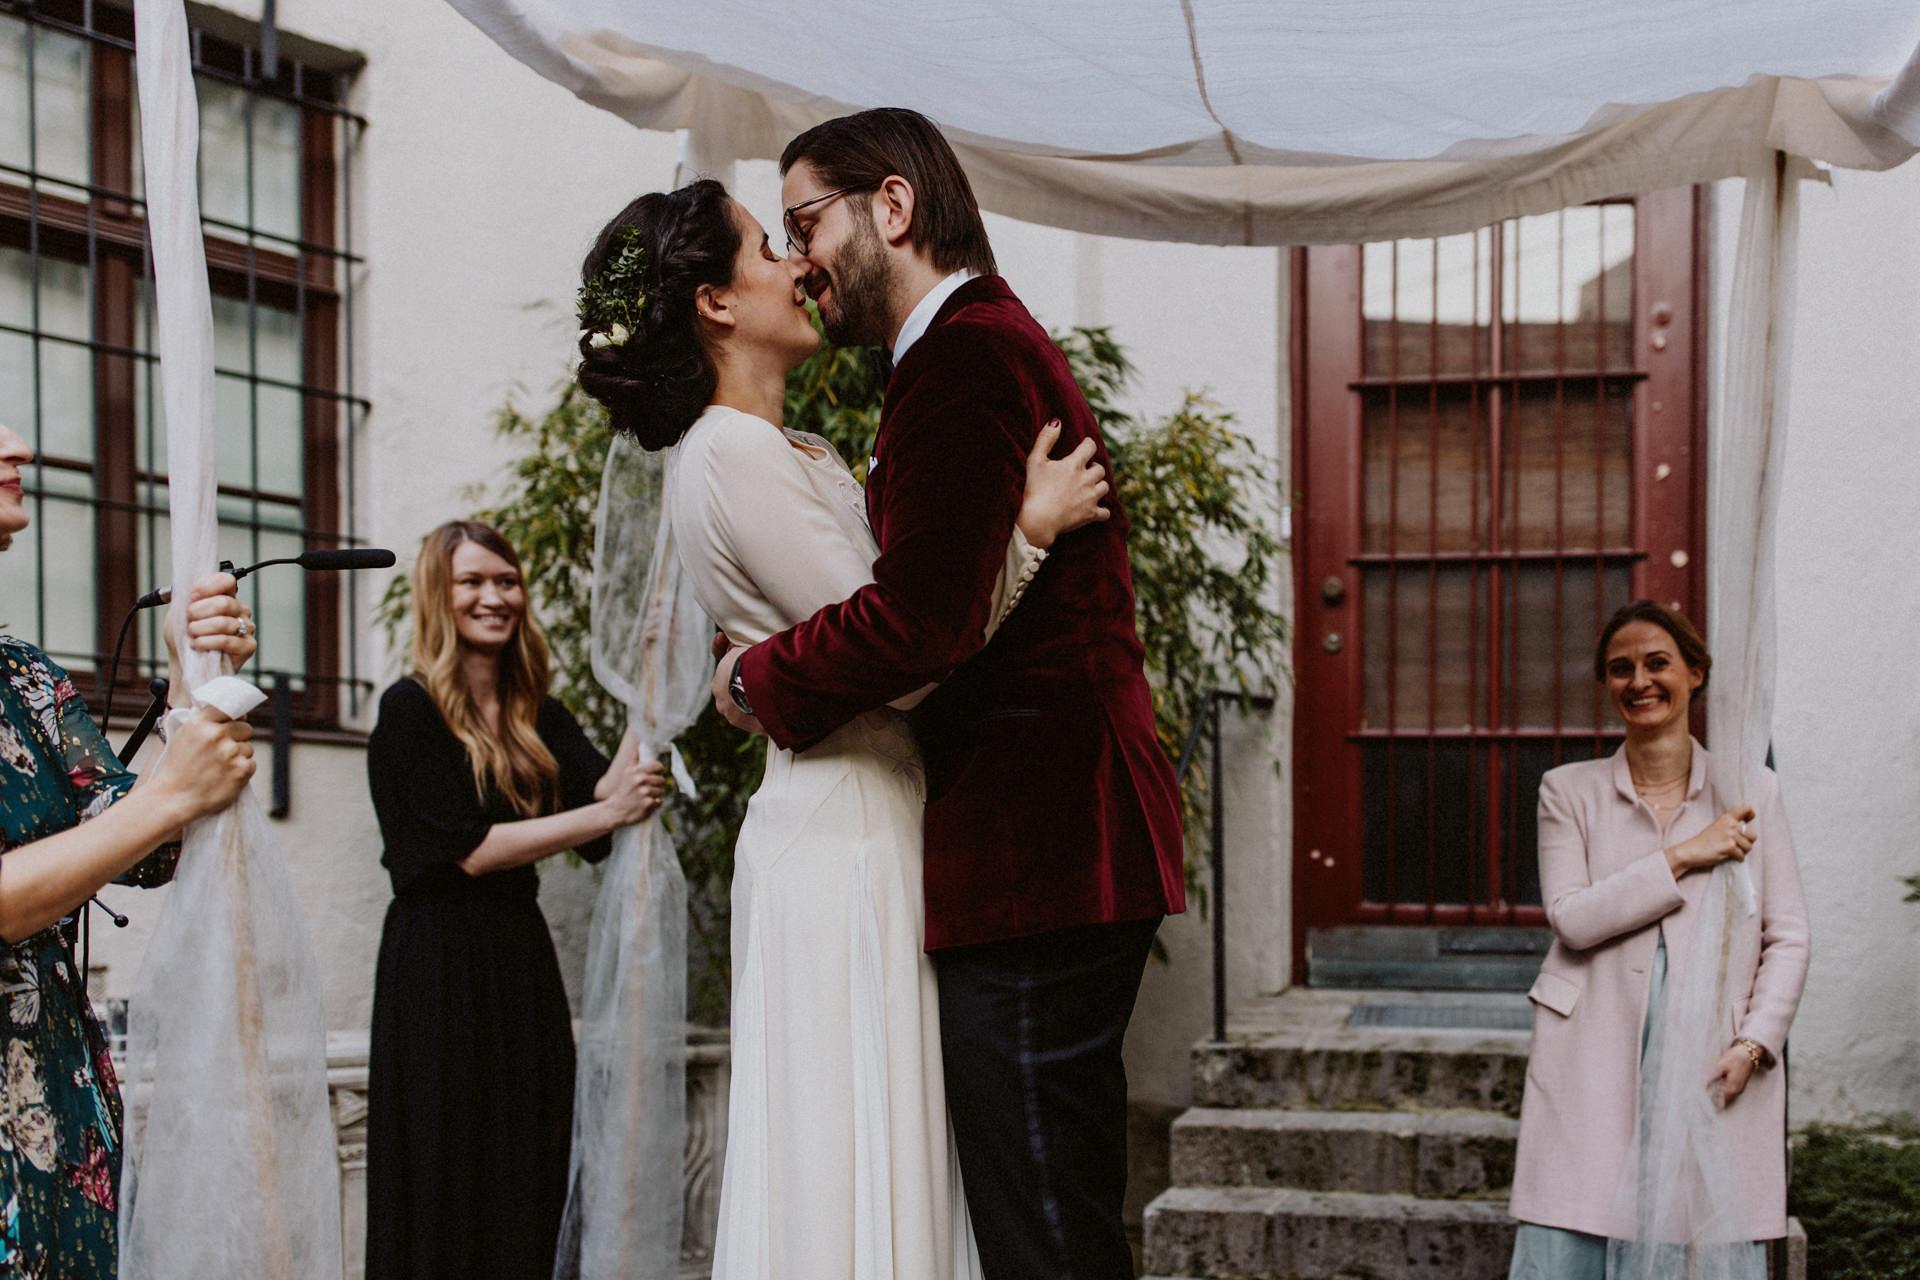 kuss brautpaar heiraten